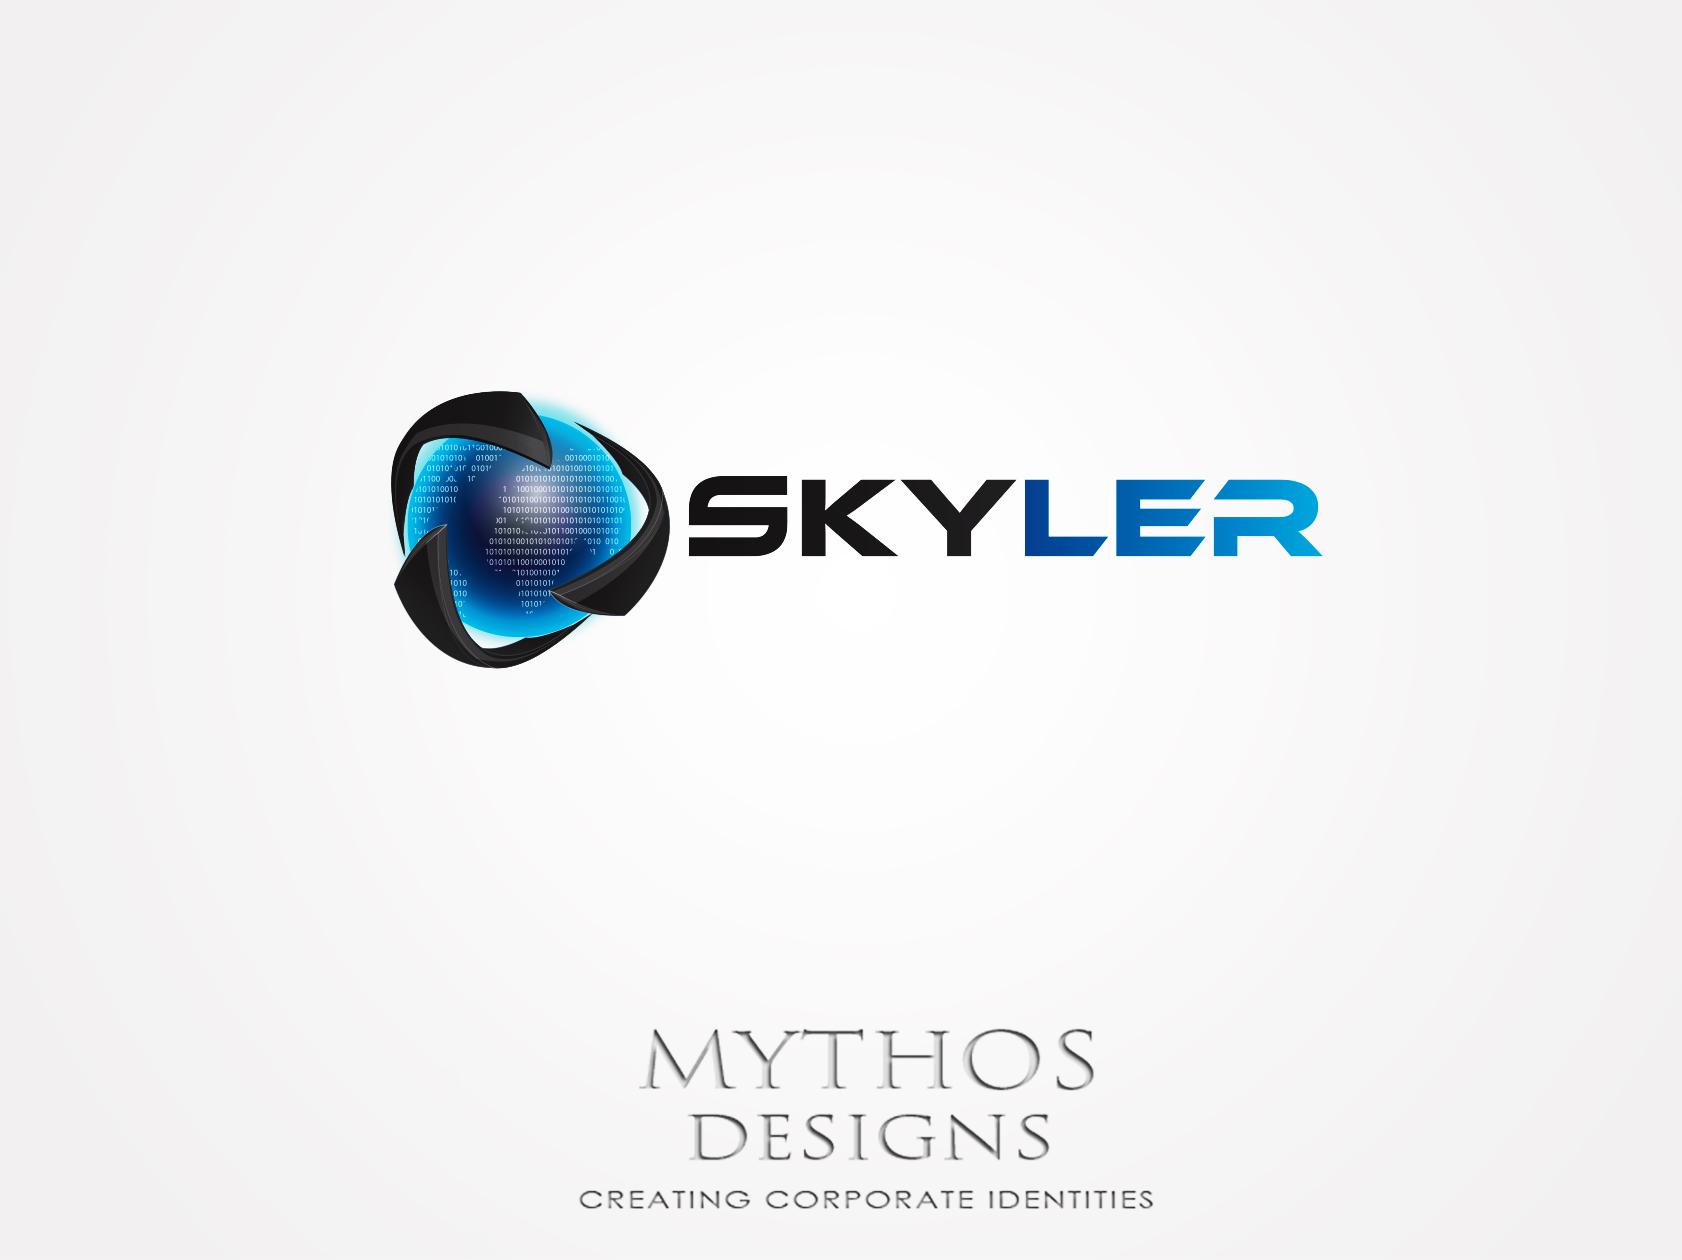 Logo Design by Mythos Designs - Entry No. 147 in the Logo Design Contest Artistic Logo Design for Skyler.Asia.